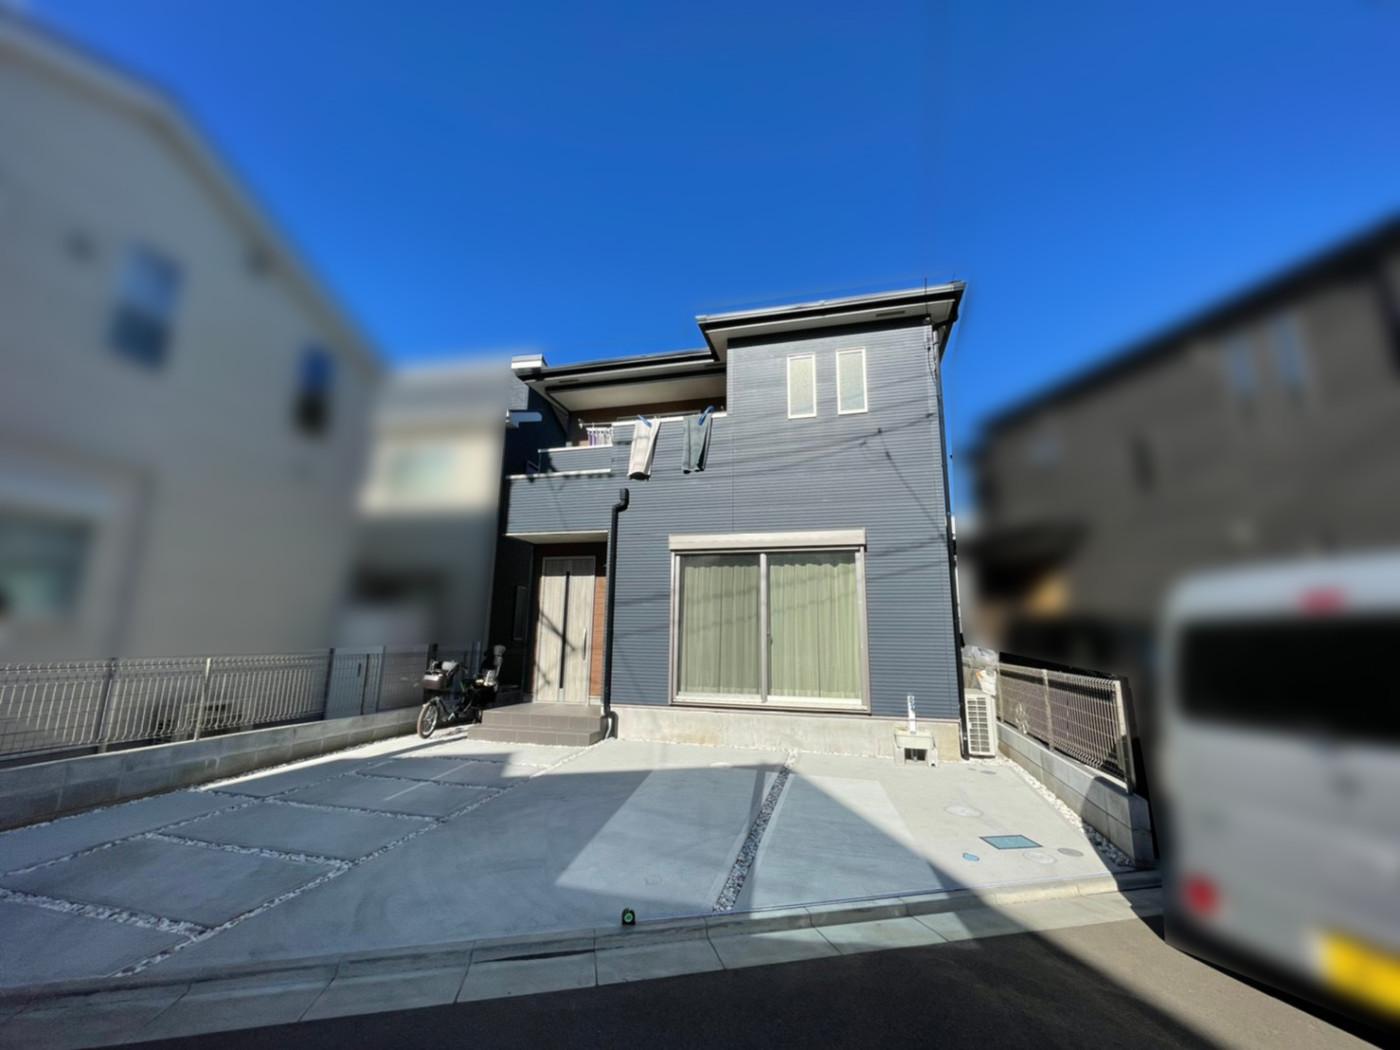 神奈川県 株式会社 琴美建設 グランドアートウォール施工イメージ2395_05